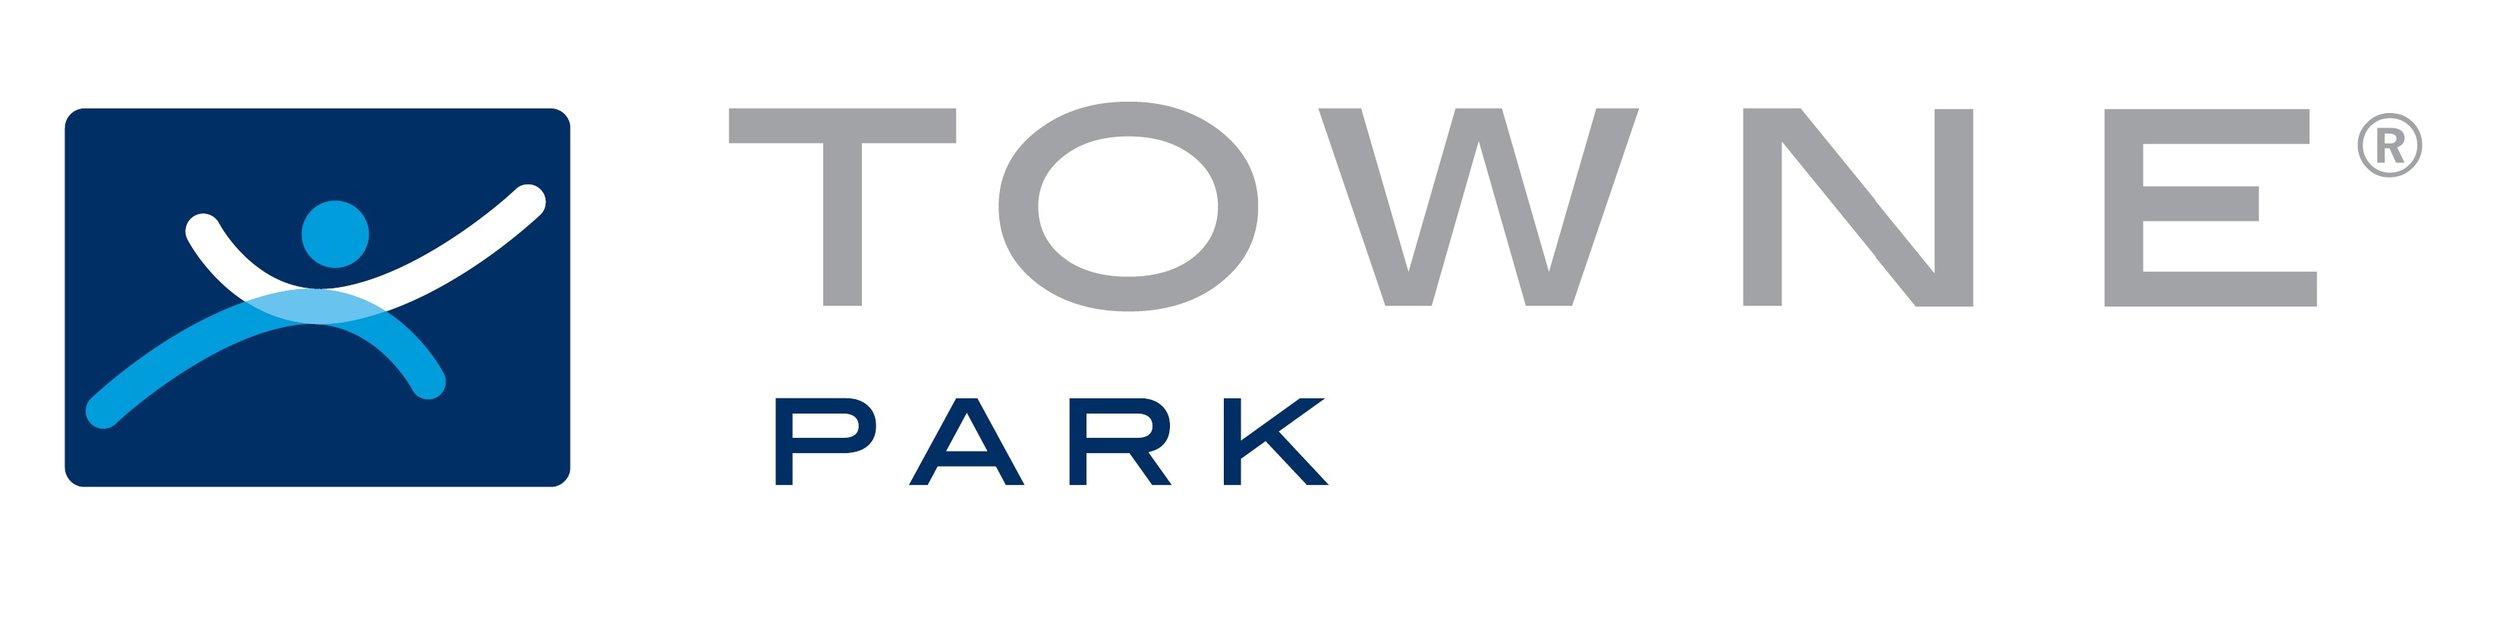 Towne Park 4Color Registered.JPG